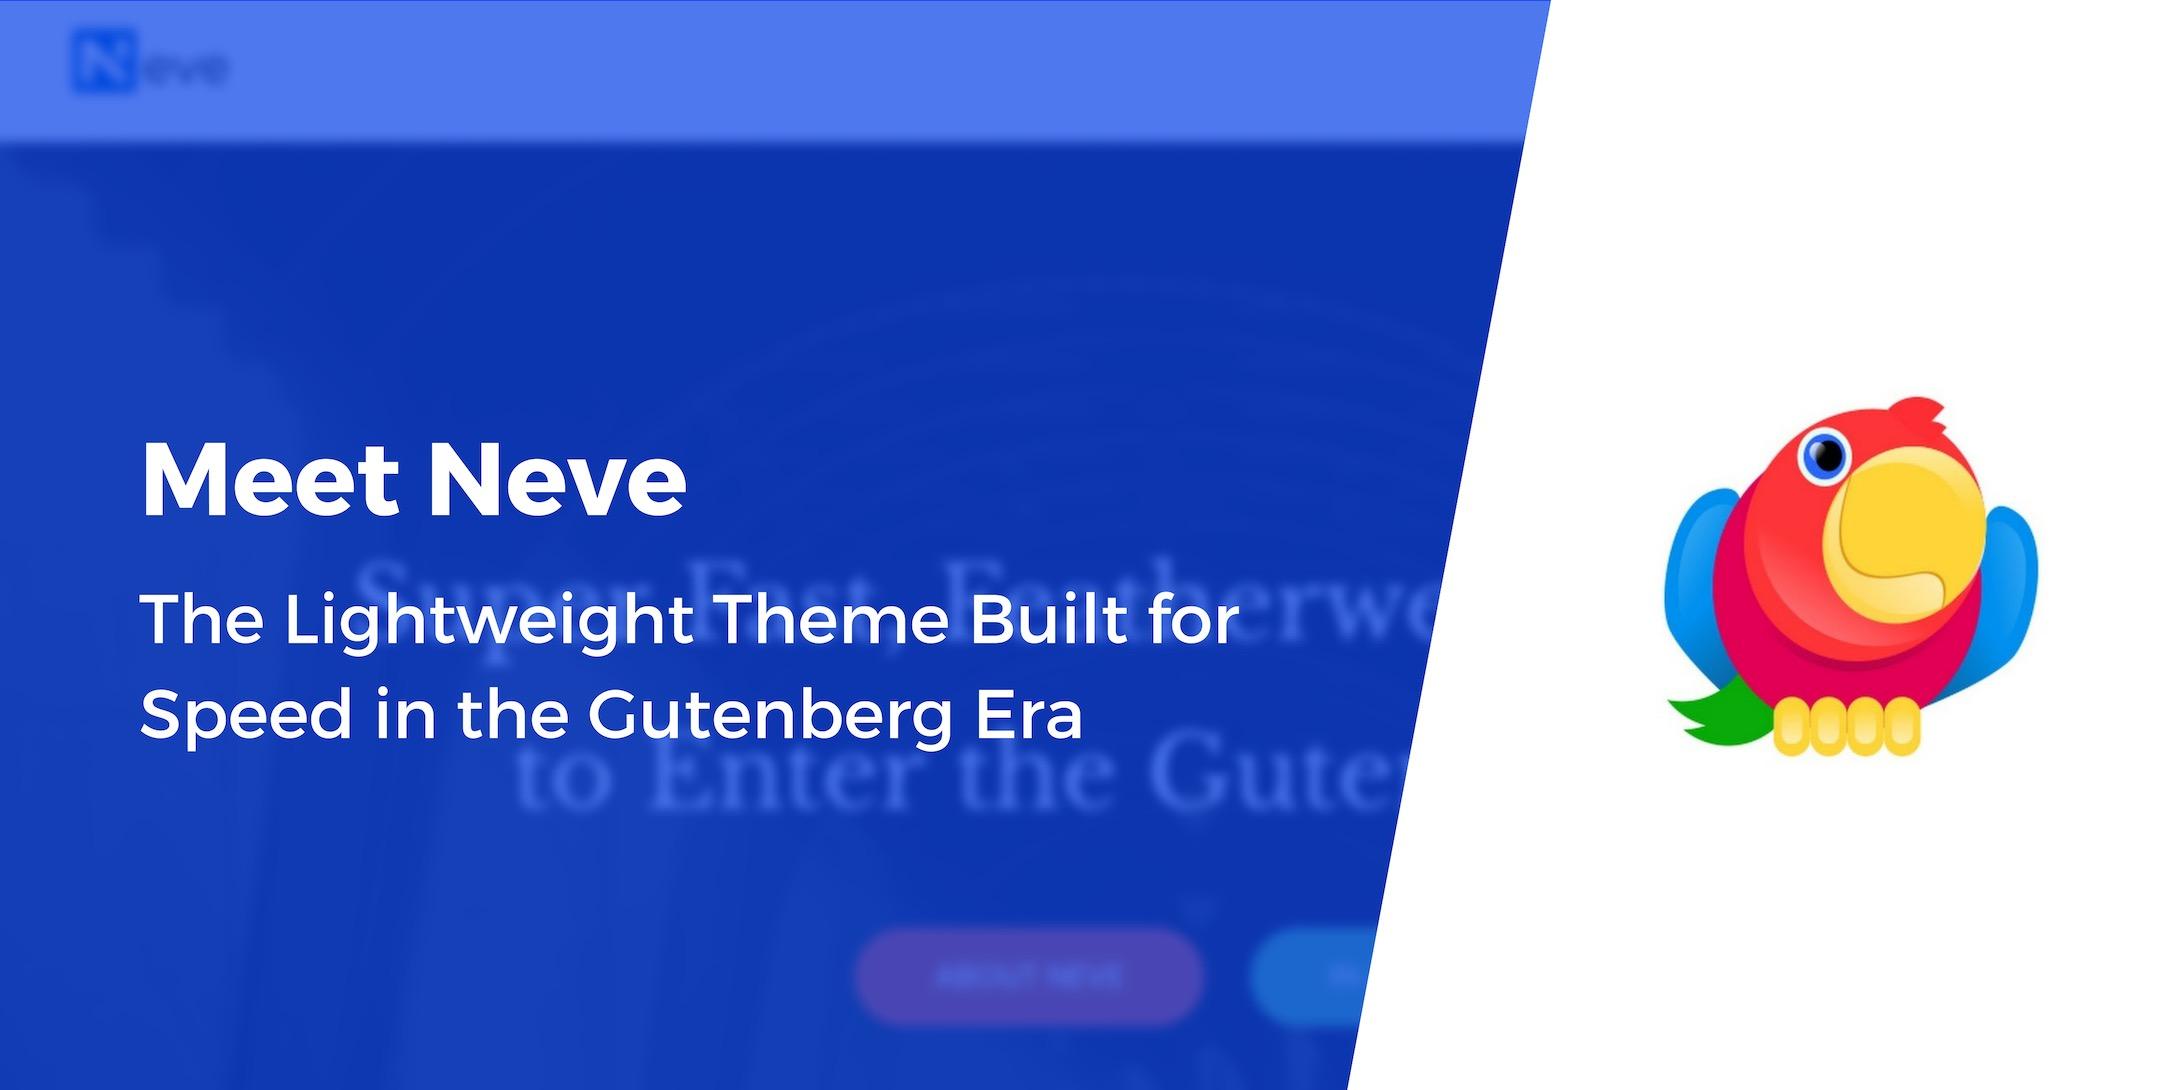 Meet Neve: The Lightweight Theme Built for Speed in the Gutenberg Era